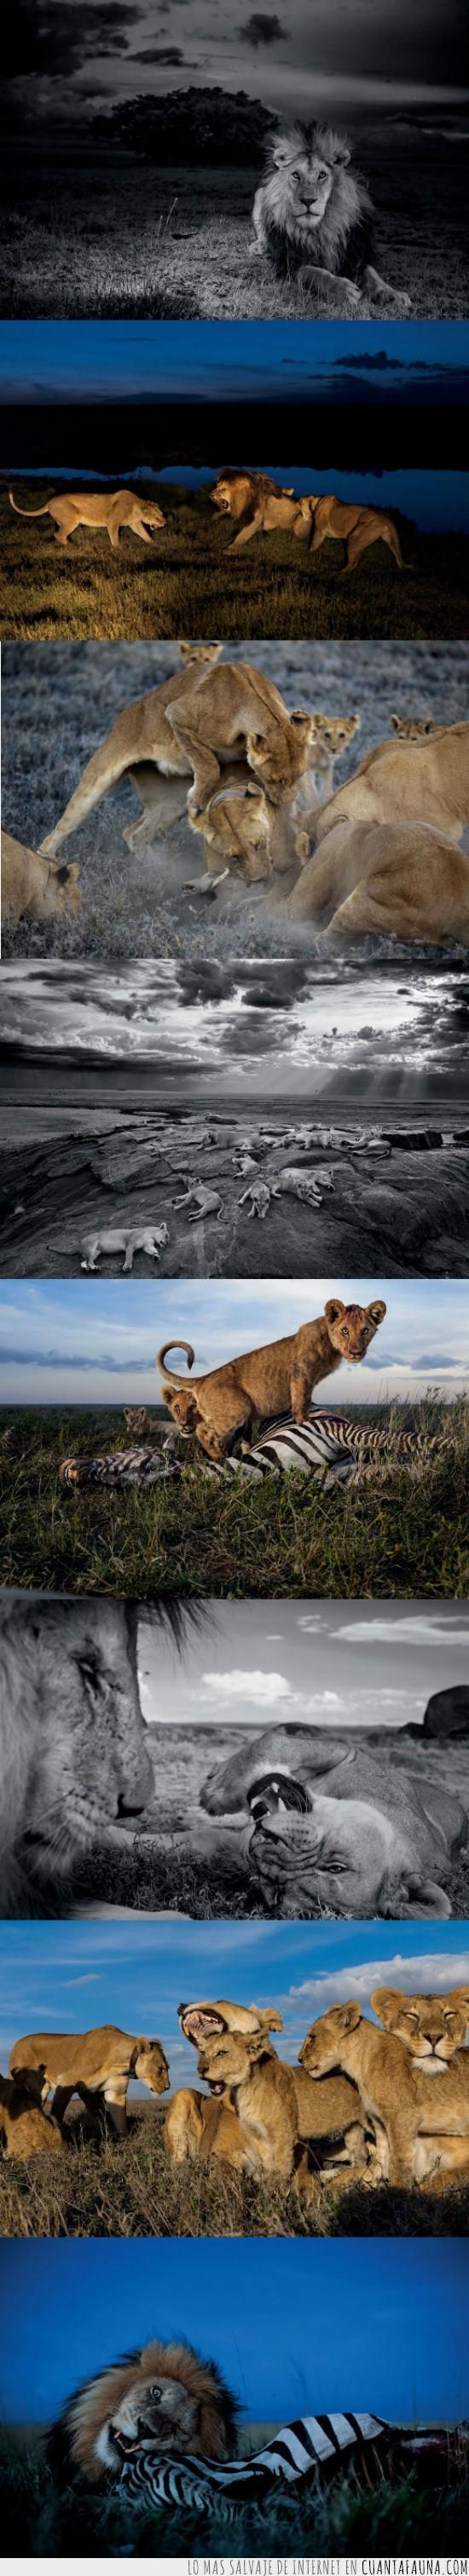 épico,felinos,fotos,leones